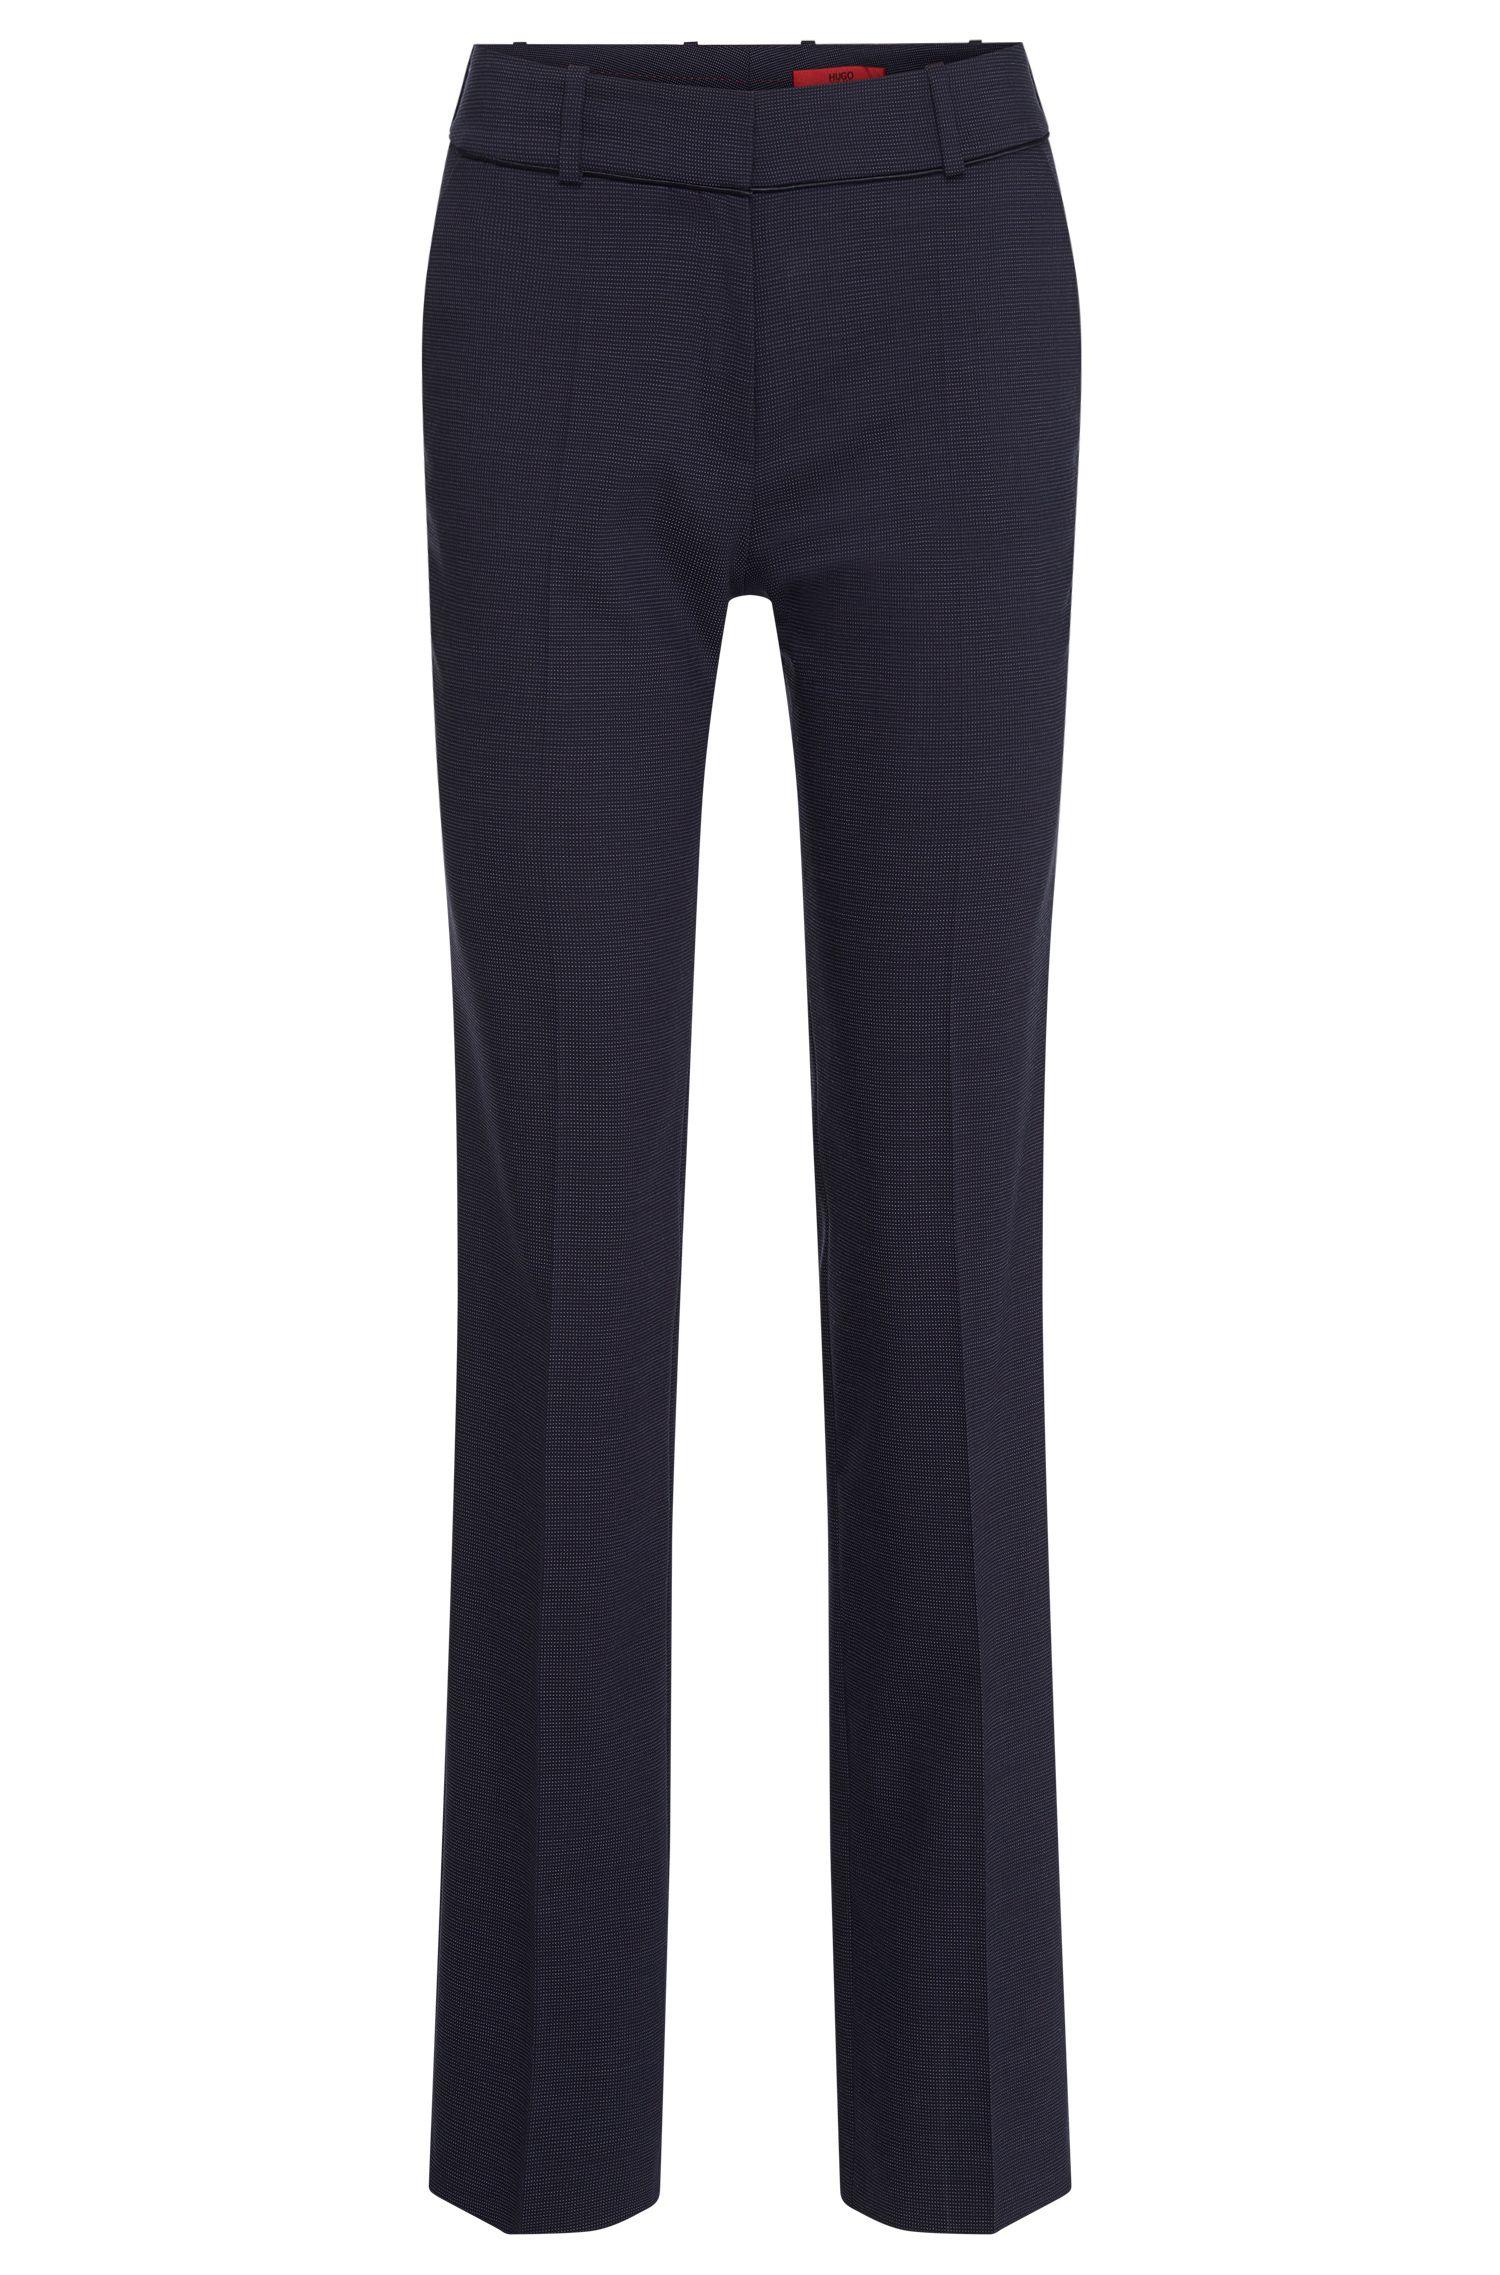 Pantalón regular fit con raya y lunares discretos en lana virgen elástica: 'Haluny'